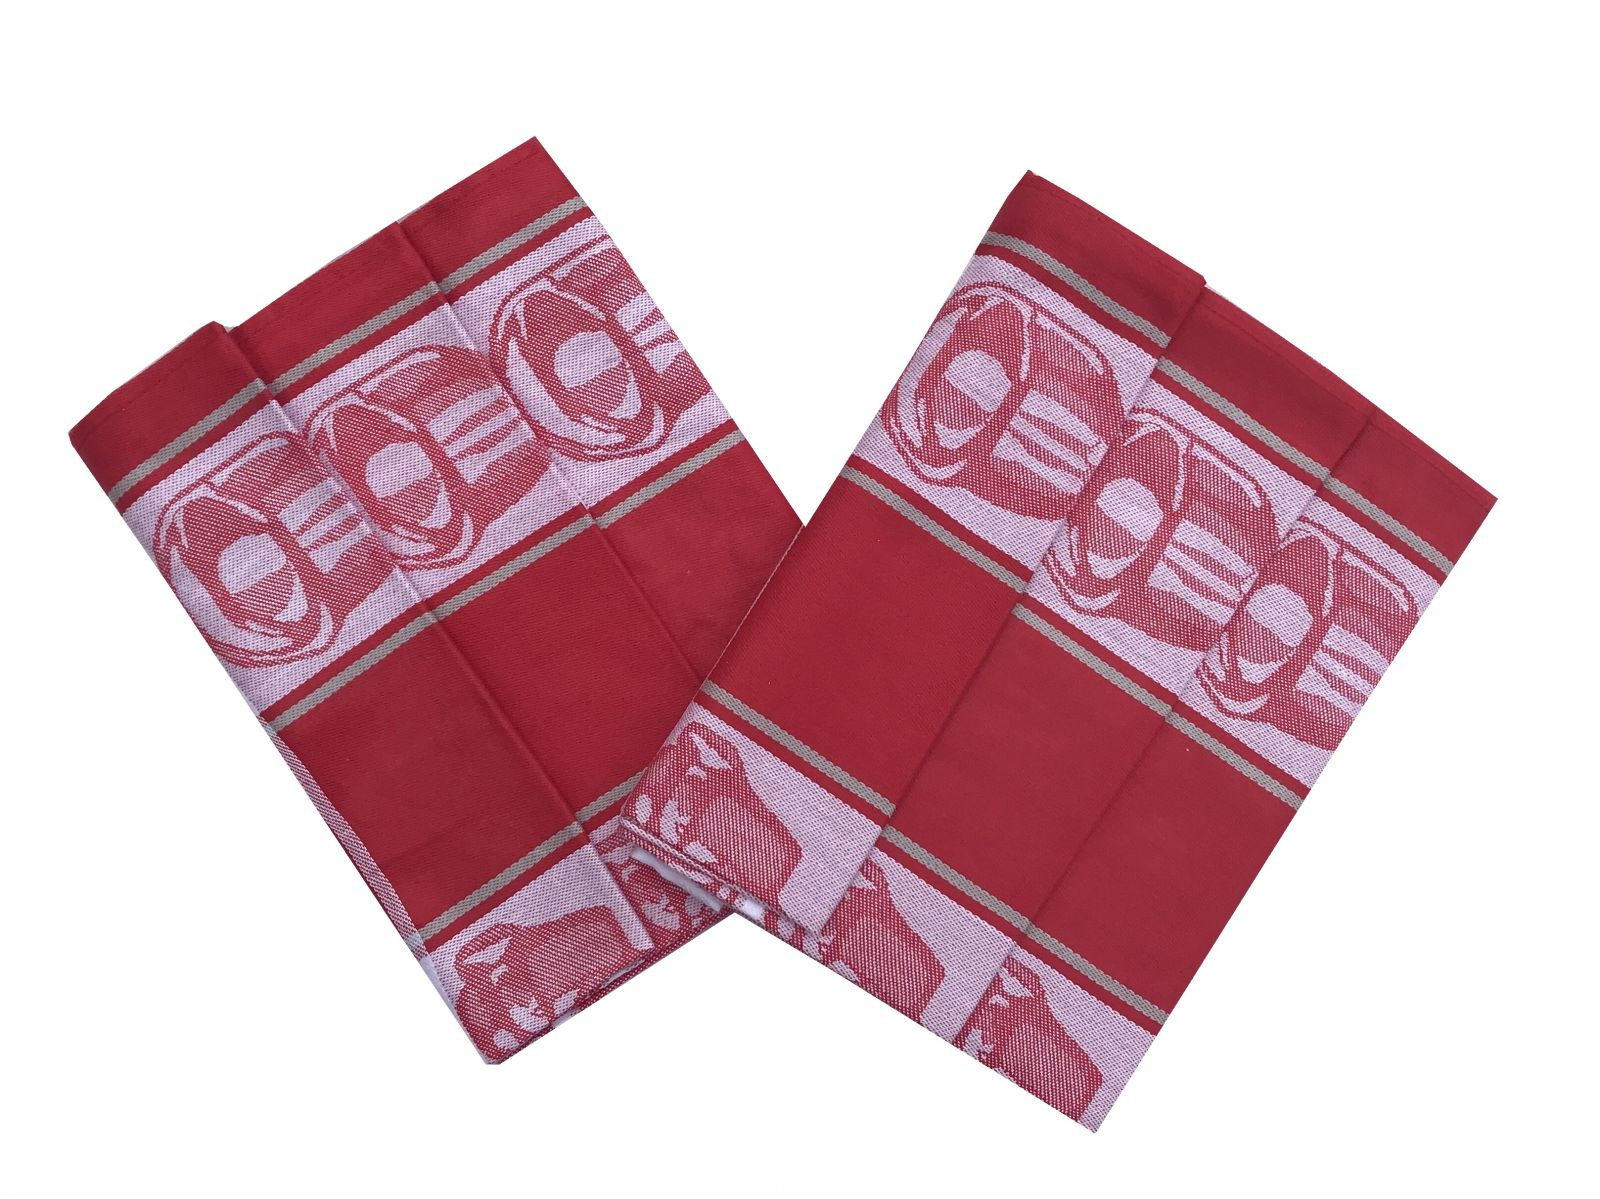 S motívom hrnčekov kvalitné kuchynská bavlnená utierka Čajová súprava červená - 3 ks, Svitap